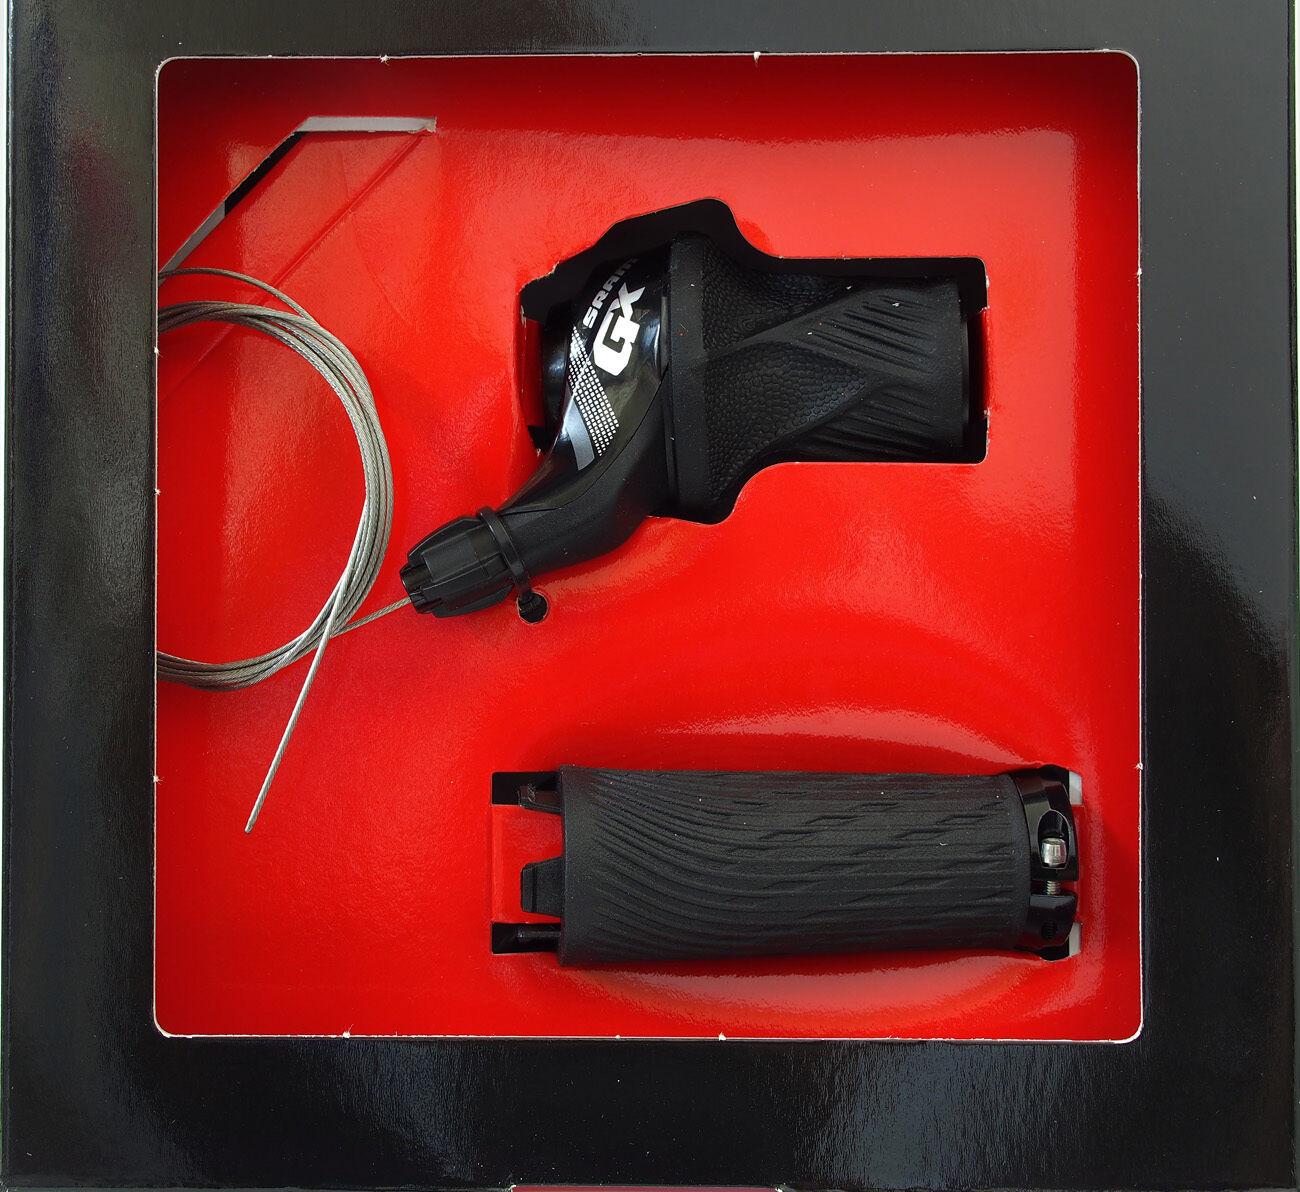 SRAM GX 2 SPD Grip Shift  delantero palanca de cambios negro, Fit Gx 2x11 Grupo, Nuevo En Caja  en promociones de estadios